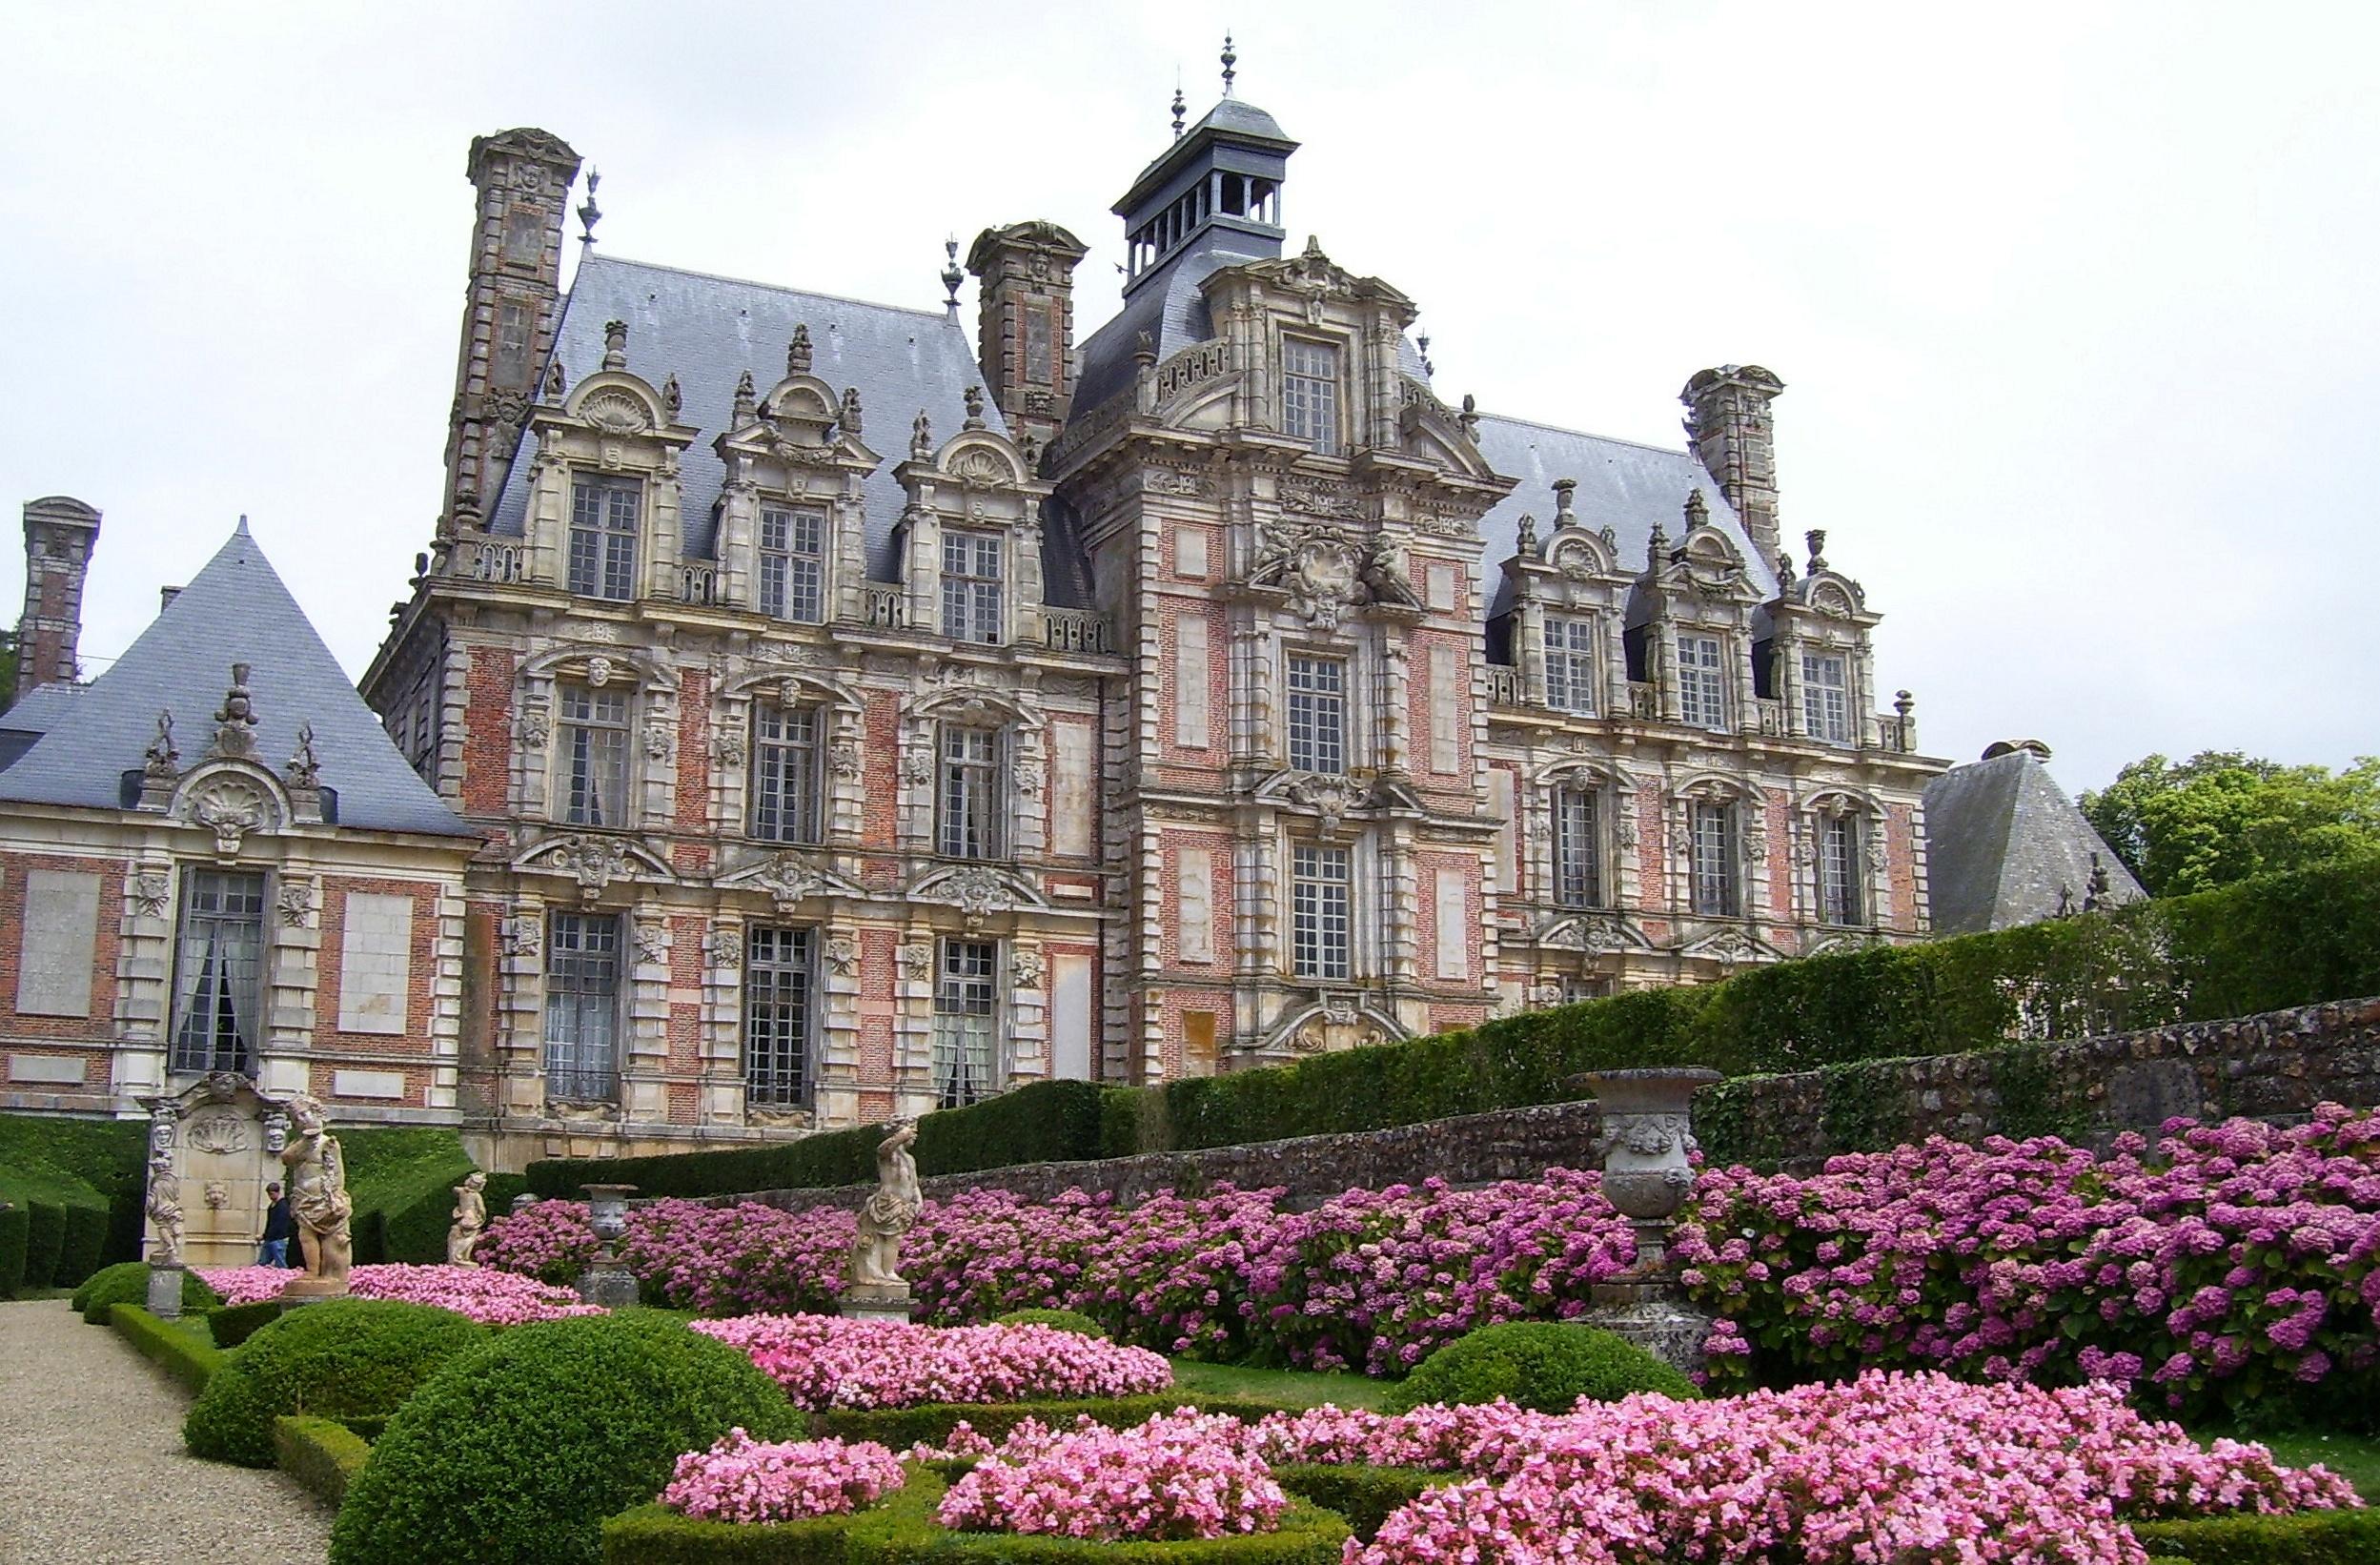 schickes Schloss mit dem sehr rosa bepflanzten Garten der 4 Jahreszeiten, eigenes Foto (auf commons), Lizenz:public domain